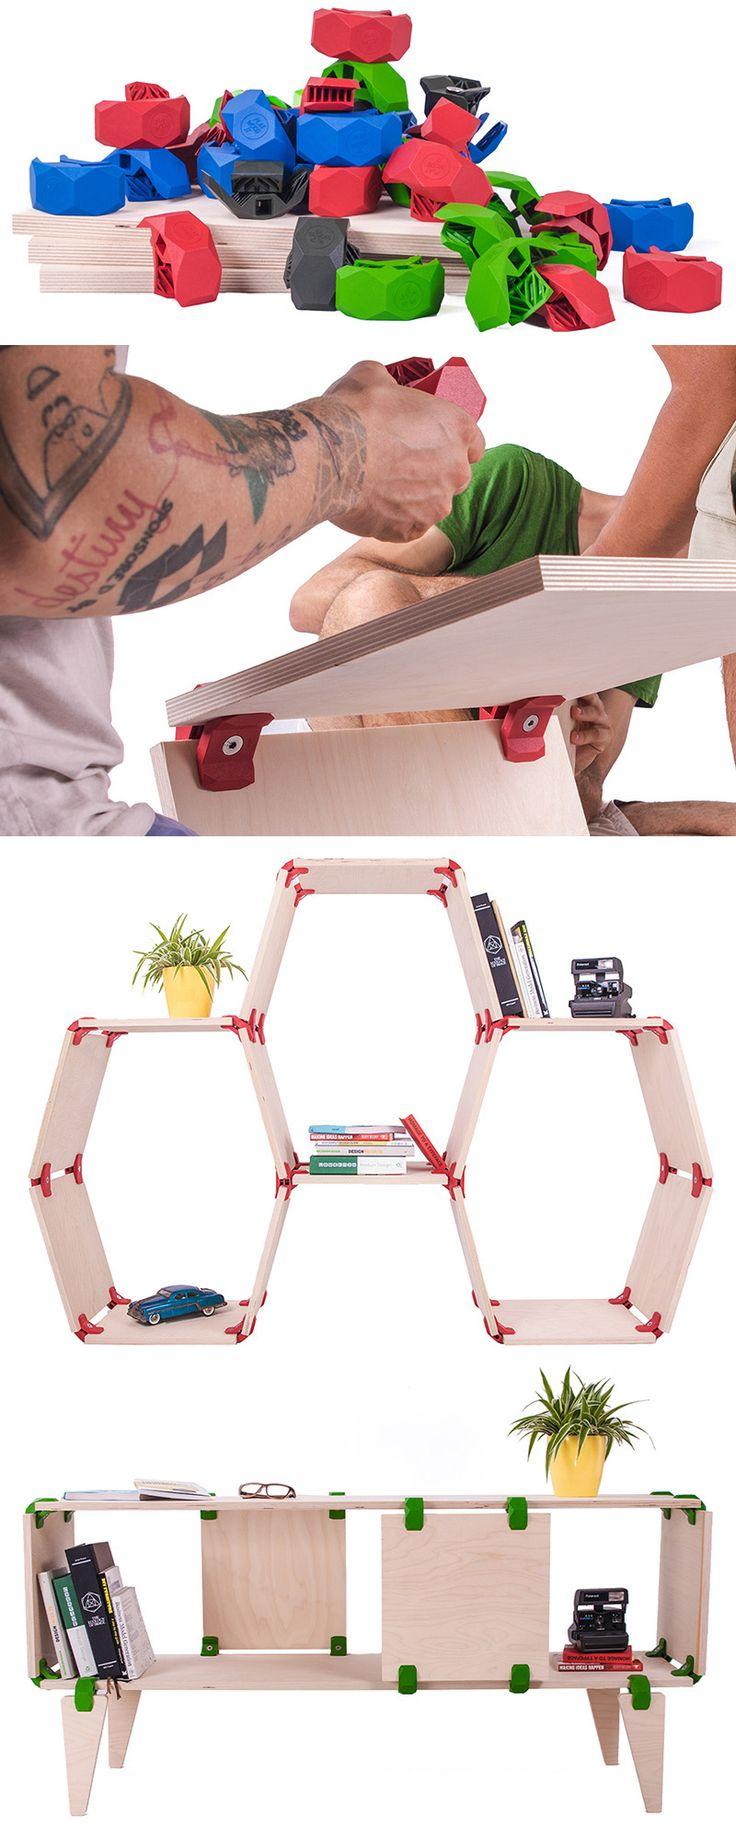 Diviértete creando tus propio mobiliario con estos diseños de la firma #PlayWood.   #mobiliario #furniture  #inspiración #inspiration  #funcional   #functional  #decoración #deco #detalle #detail  #DIY